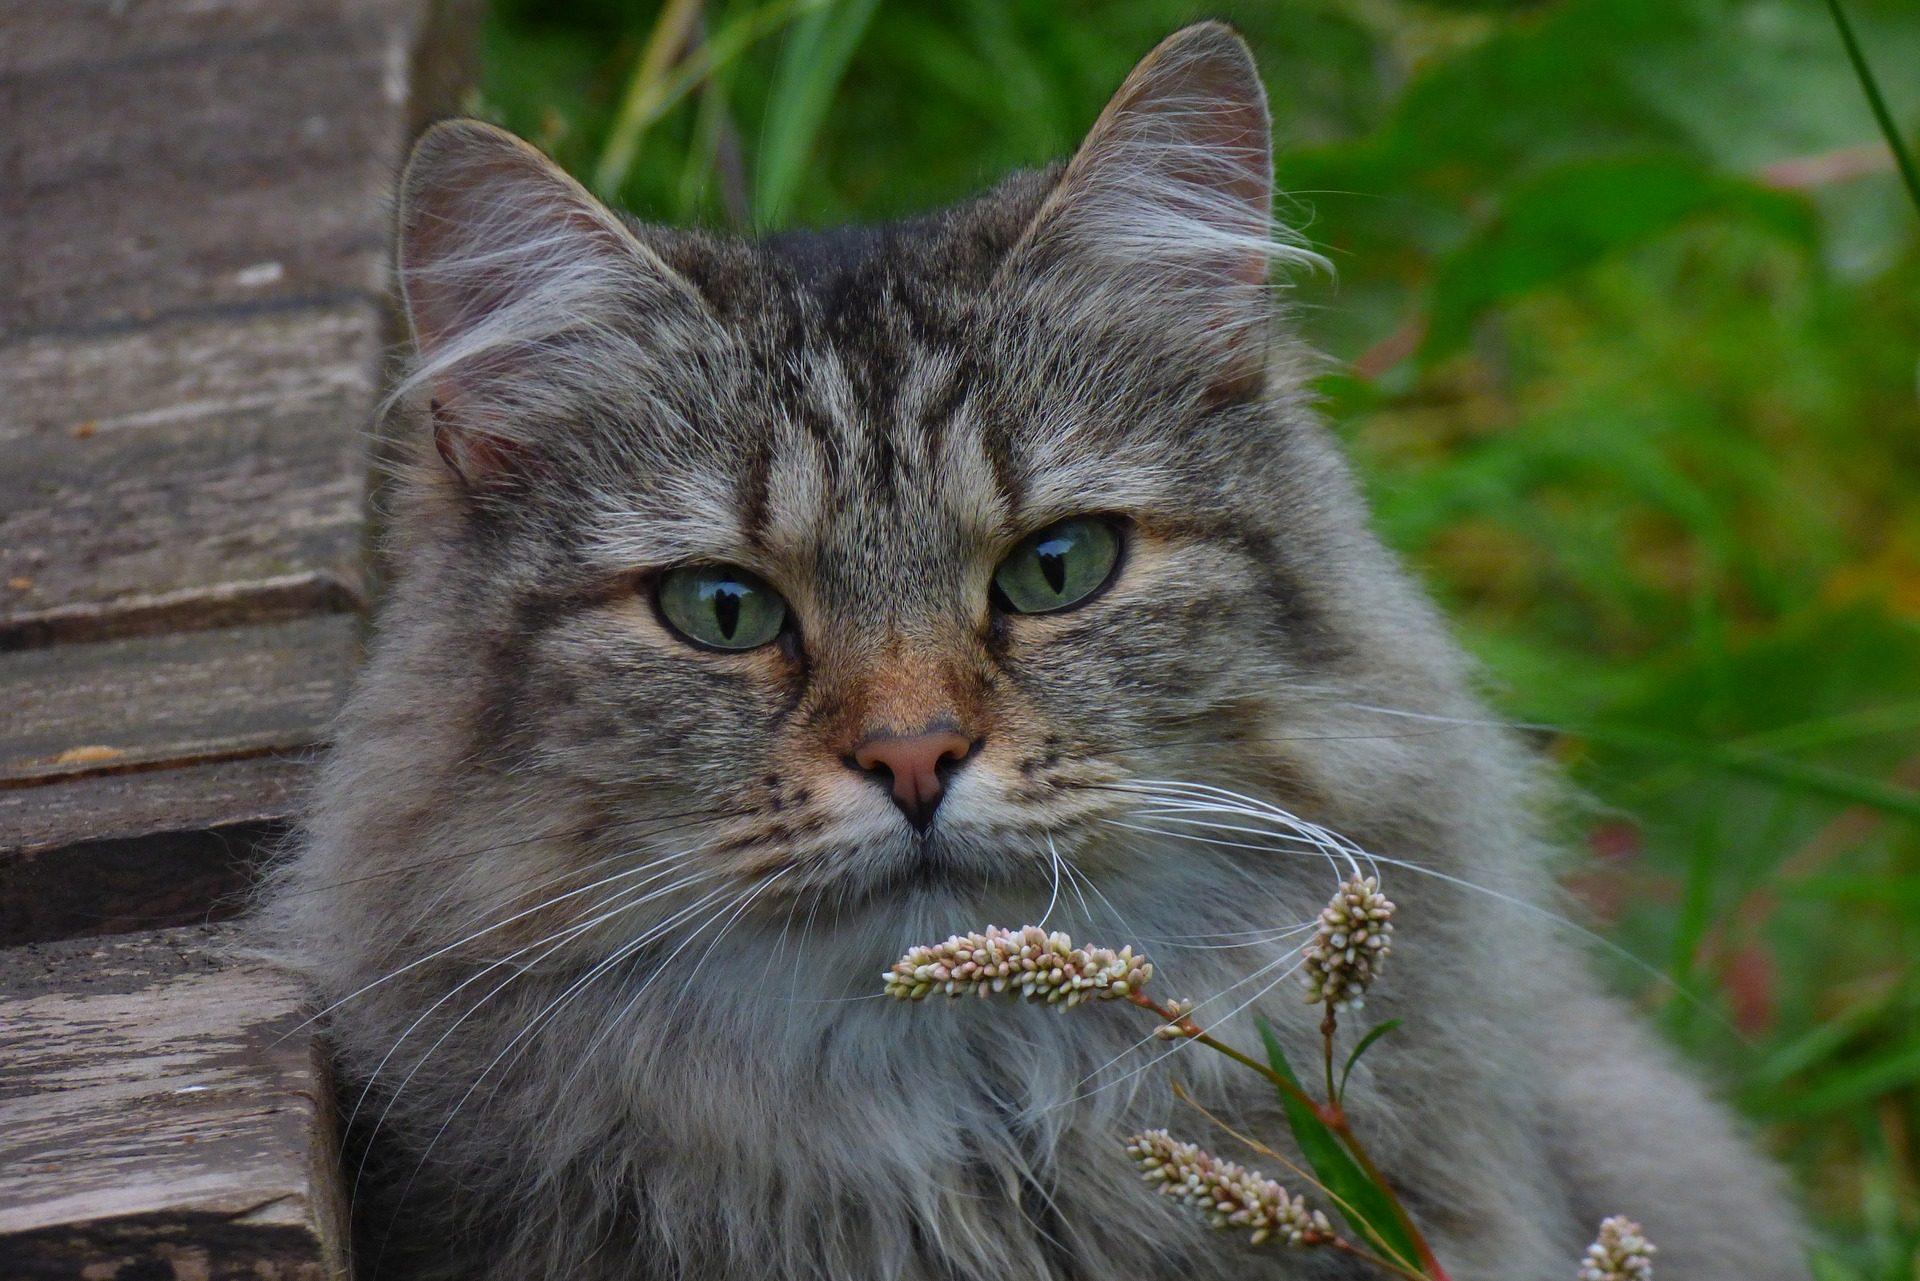 Noorse Boskat wat moet je weten over dit kattenras